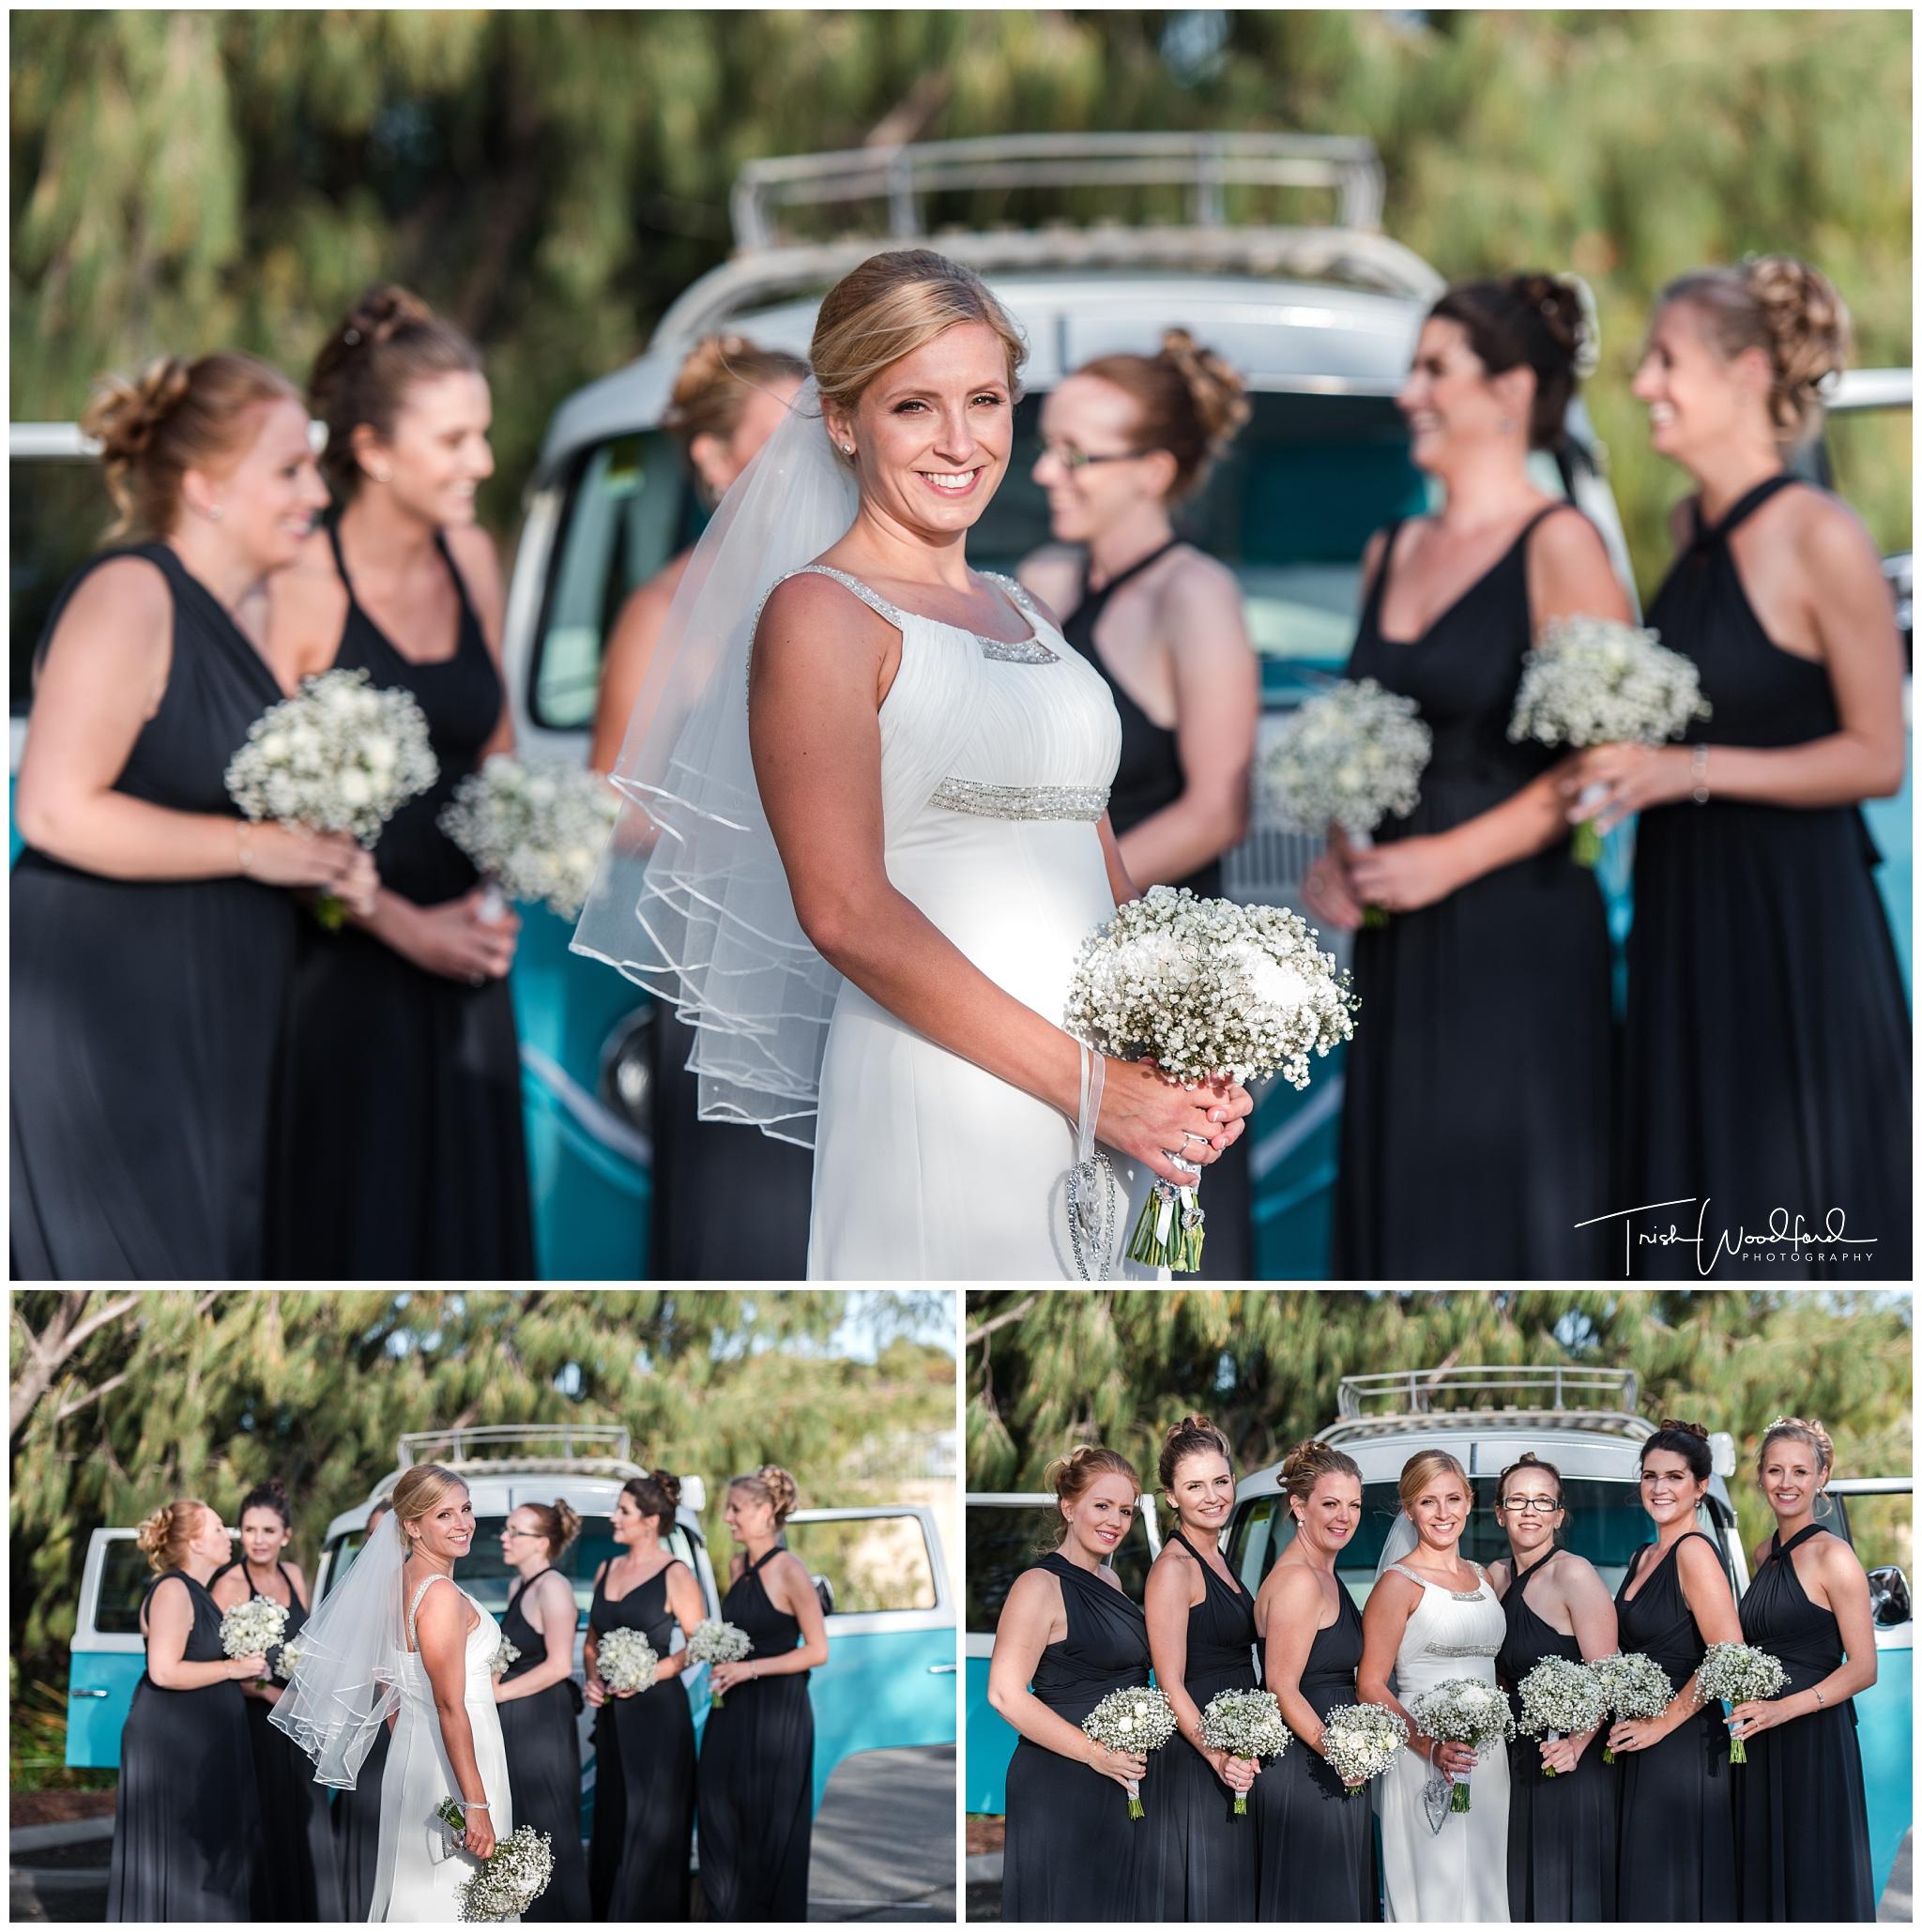 Perth Wedding Photography Bride & Bridesmaids Combi